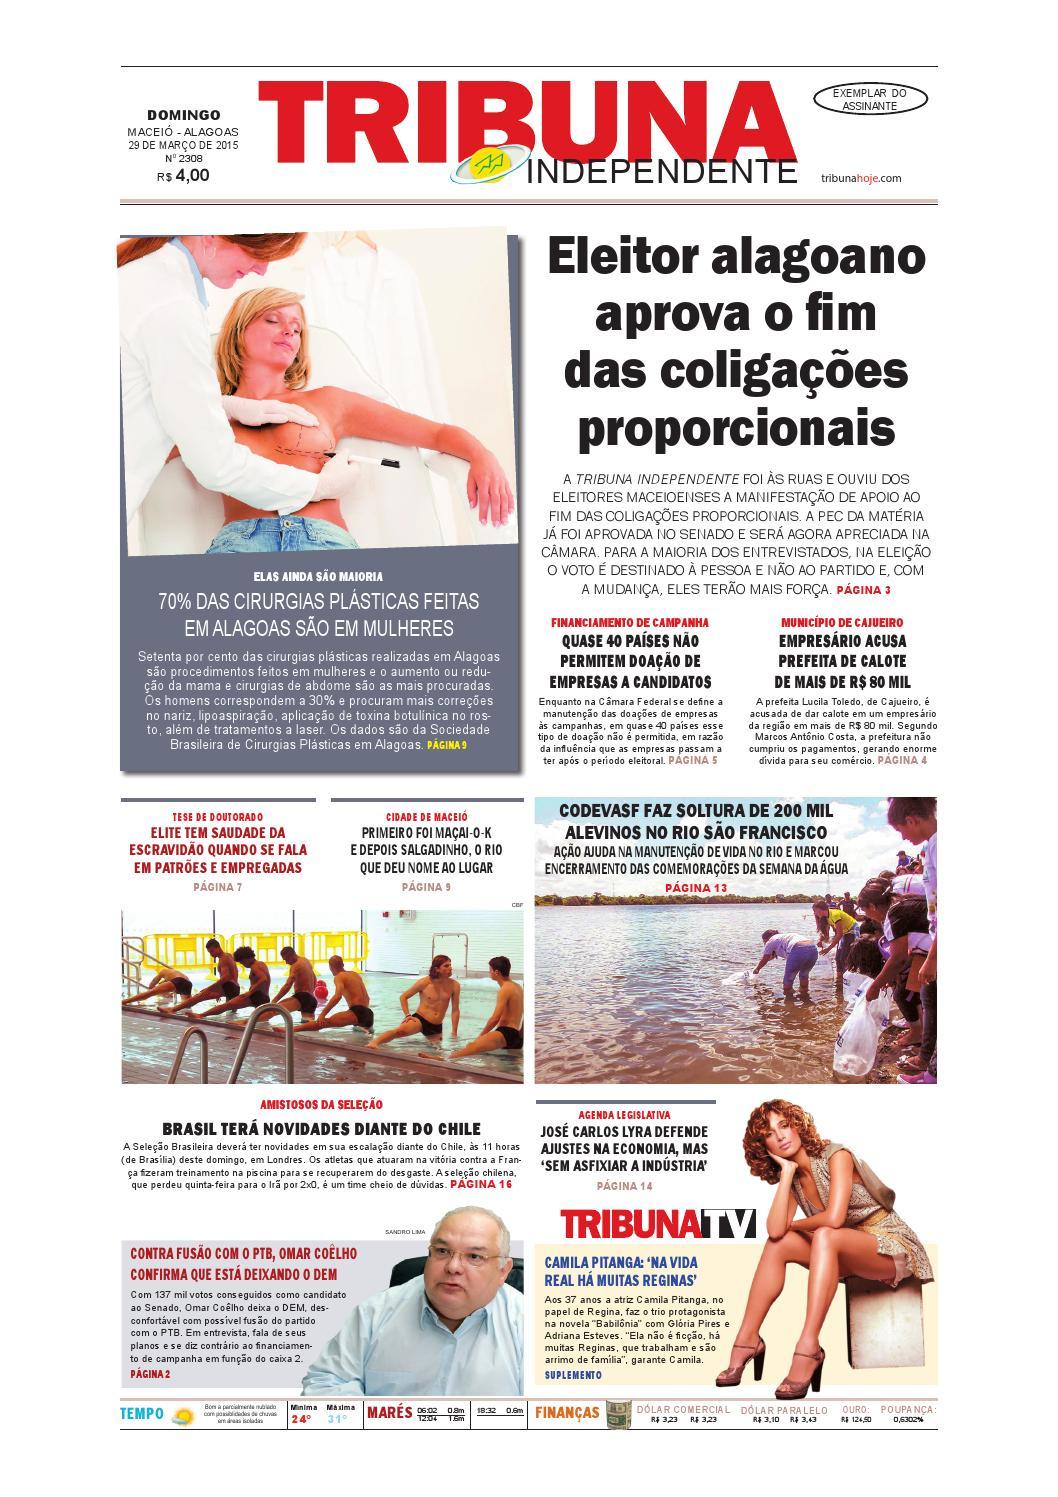 a4ded66ce1 Edição número 2308 - 29 de março de 2015 by Tribuna Hoje - issuu